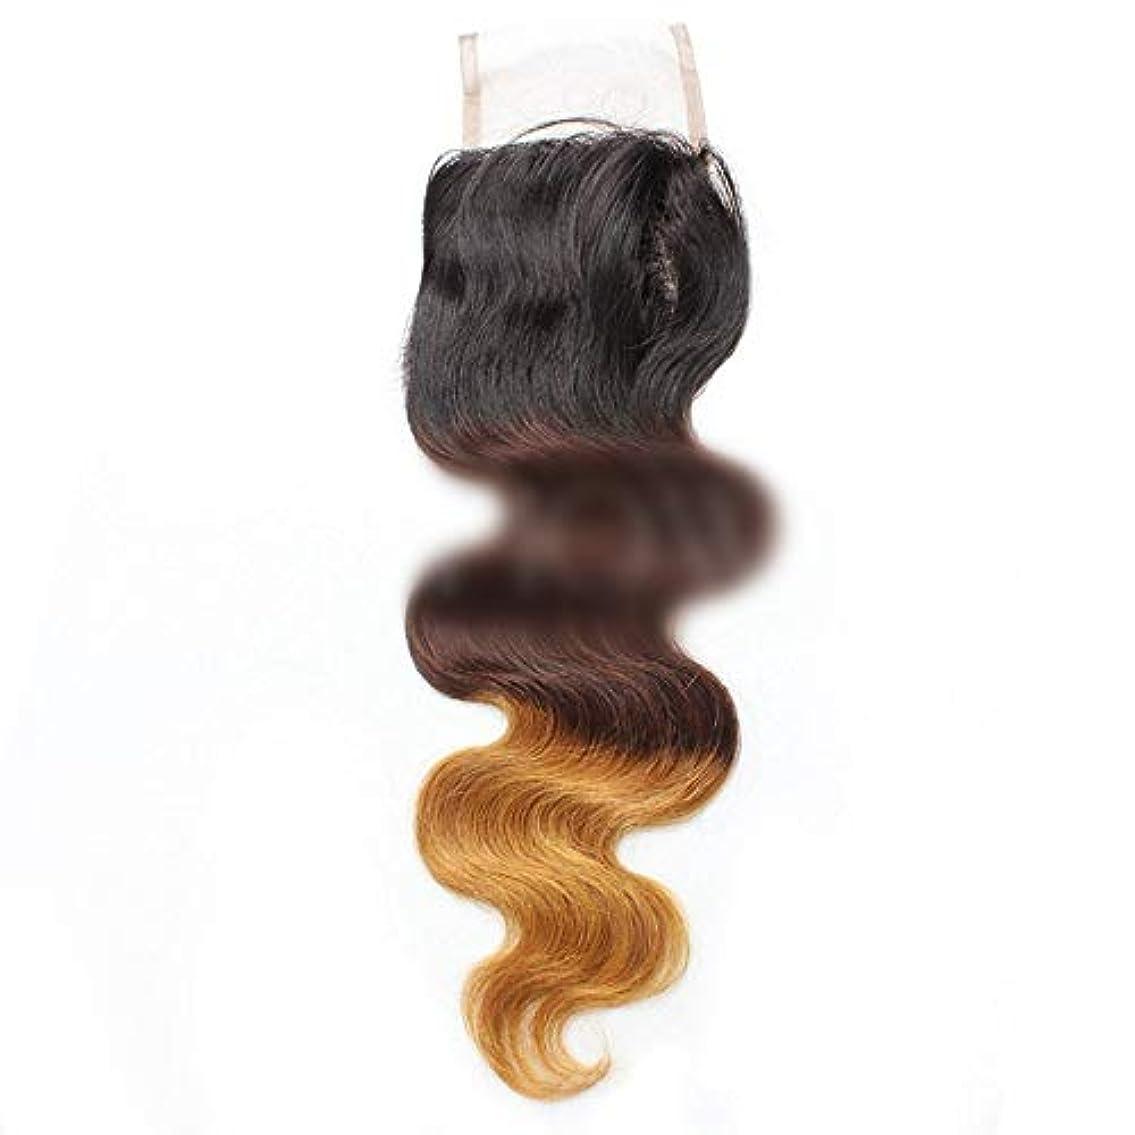 大学生によると溝HOHYLLYA 9aバージンブラジル人間の髪の毛自由な部分実体波4 * 4レース閉鎖 - 1B / 4/27#3トーン色ロールプレイングかつら女性のかつら (色 : ブラウン, サイズ : 18 inch)